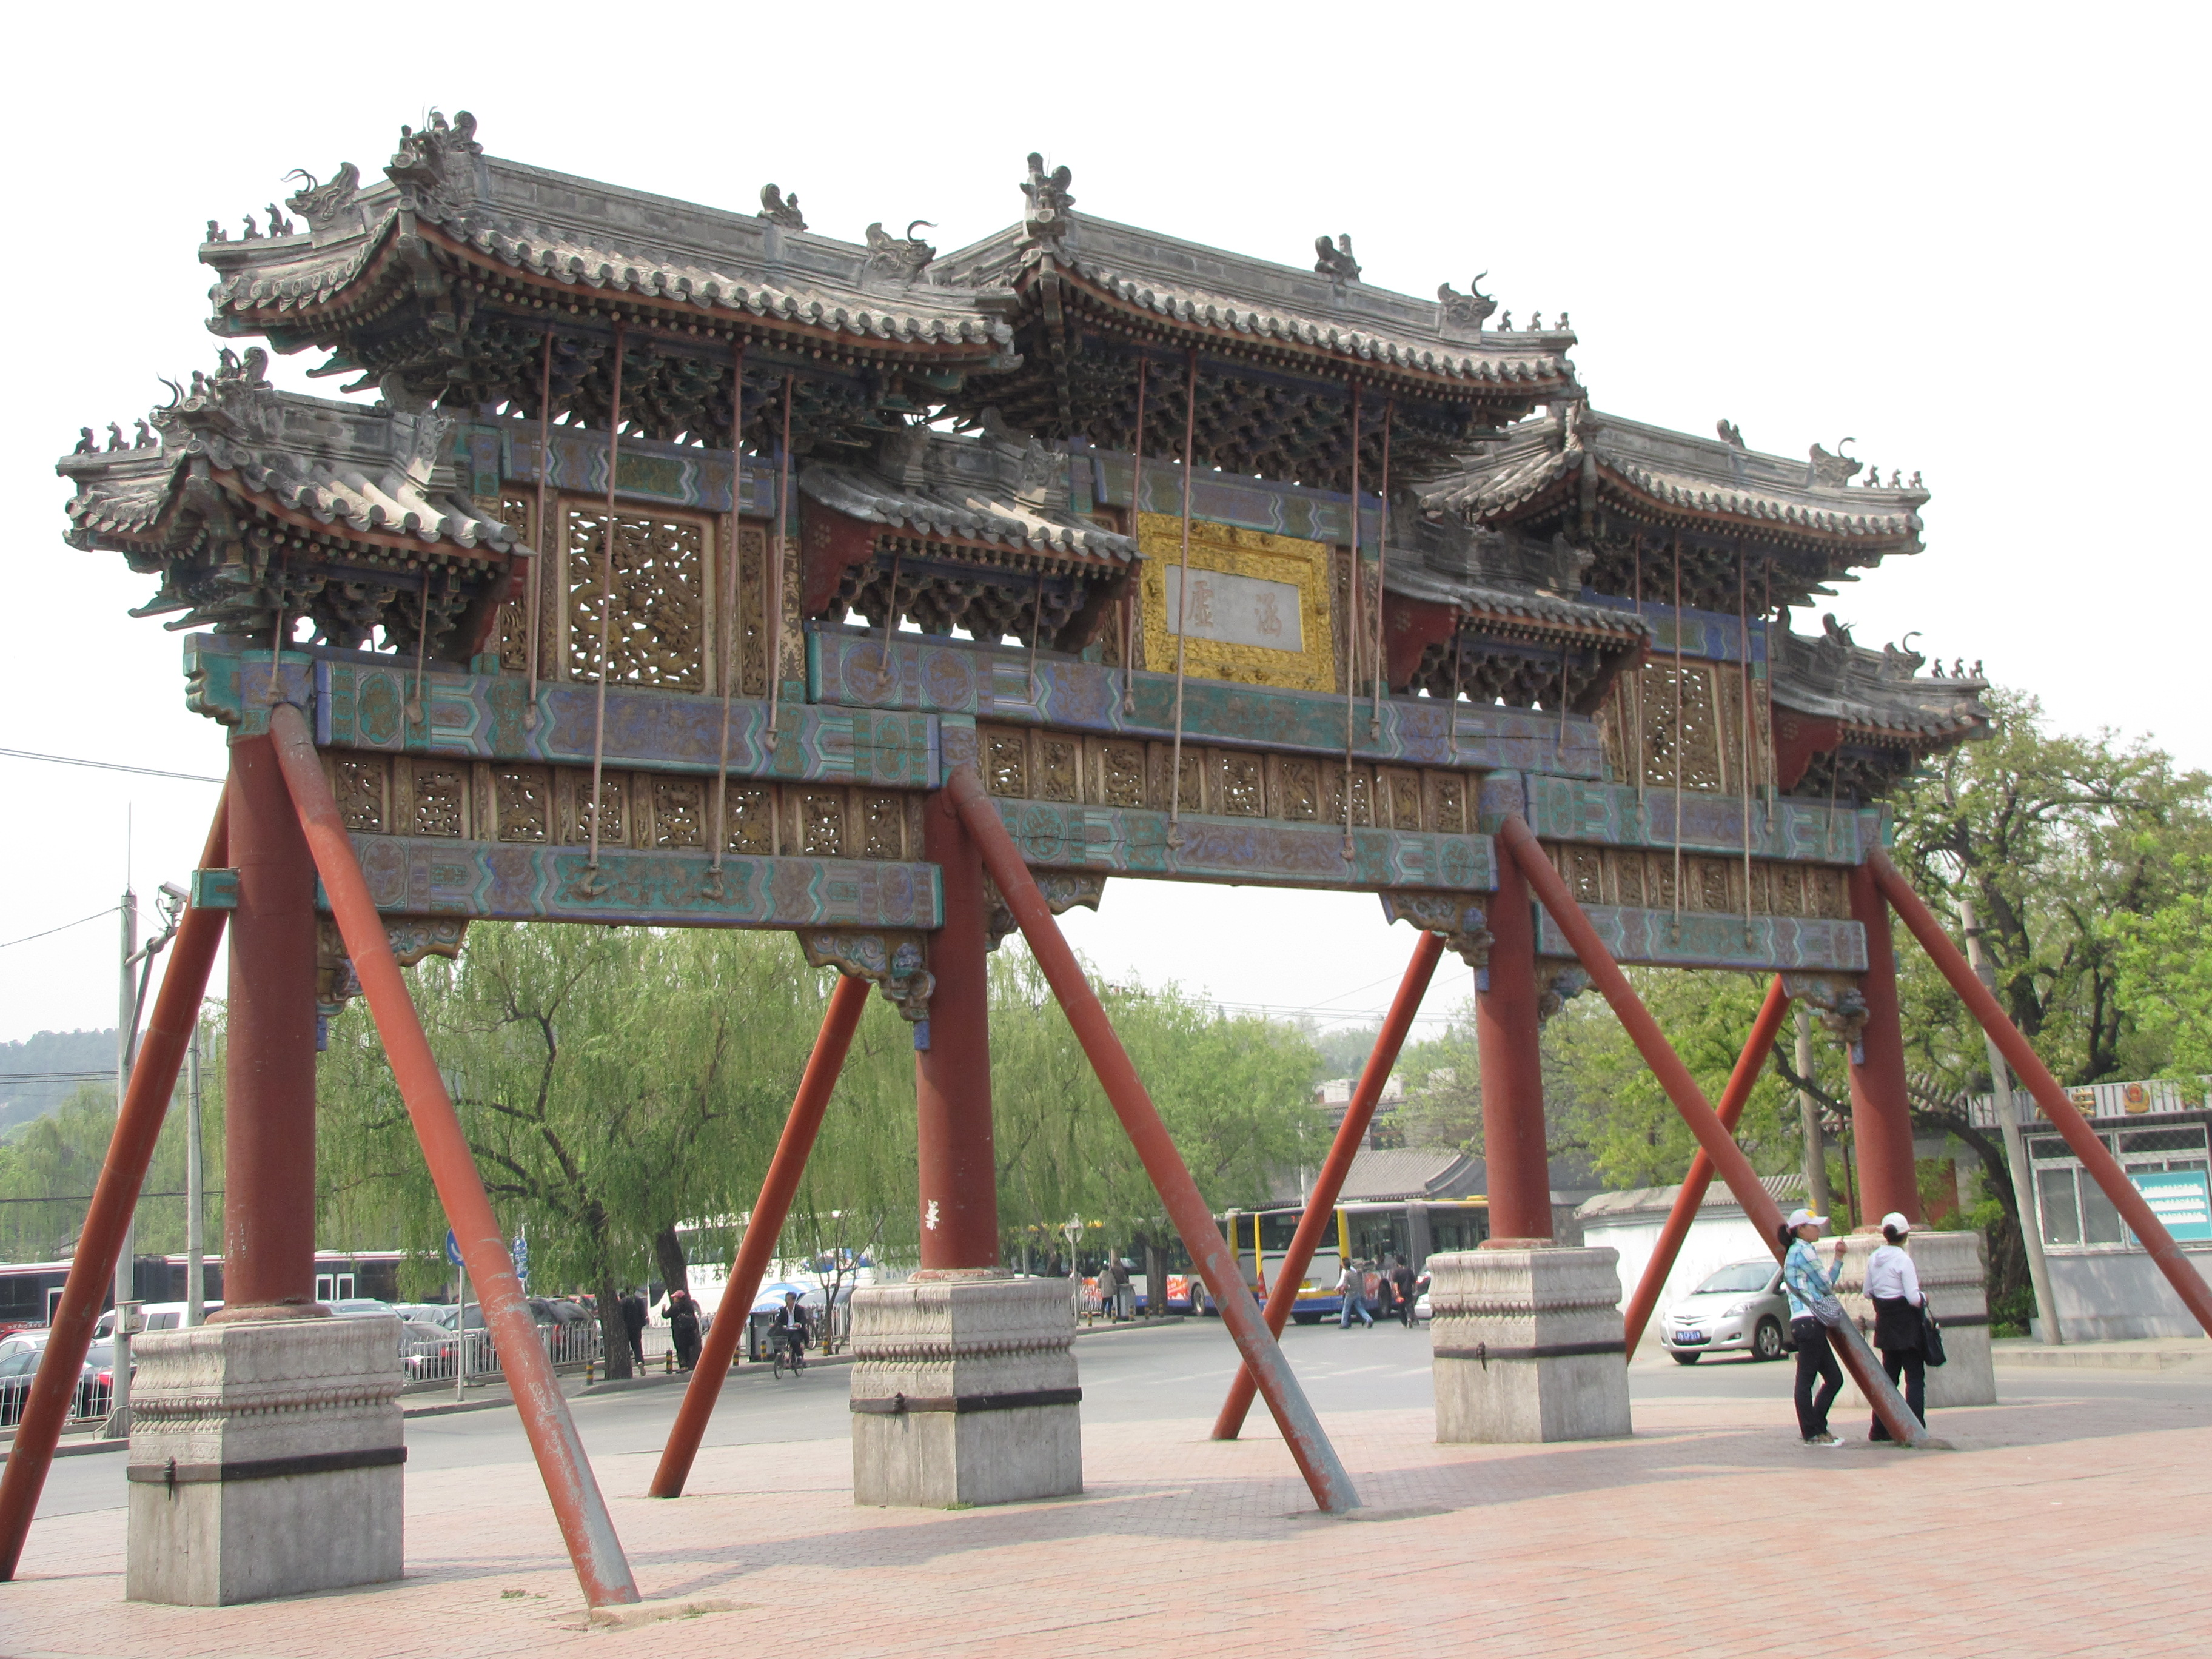 颐和园的牌楼都很精致 关裕年 从明、清两代至今,北京的牌楼就是北京城市建筑装饰与地标性标记必不可少的了。小的时候,对于北京的地形图就是靠牌楼定位的,由于我家住在东城,所以,从小开始,第一个认识的就是东单牌楼,向北走(我的小学史家胡同小学在东单和东四的中间)就可以到东四牌楼。以后去西边就是西单牌楼,从西单牌楼向北就是西四牌楼,总之我们的路的概念就是靠牌楼组成的。 后来北京不断的扩建、拆迁,很多牌楼就被拆了或者是挪走了,最明显的就是北海公园,有的地方牌楼摆放的就很密集,似乎有的就是多余的,可以估计到,政府把路